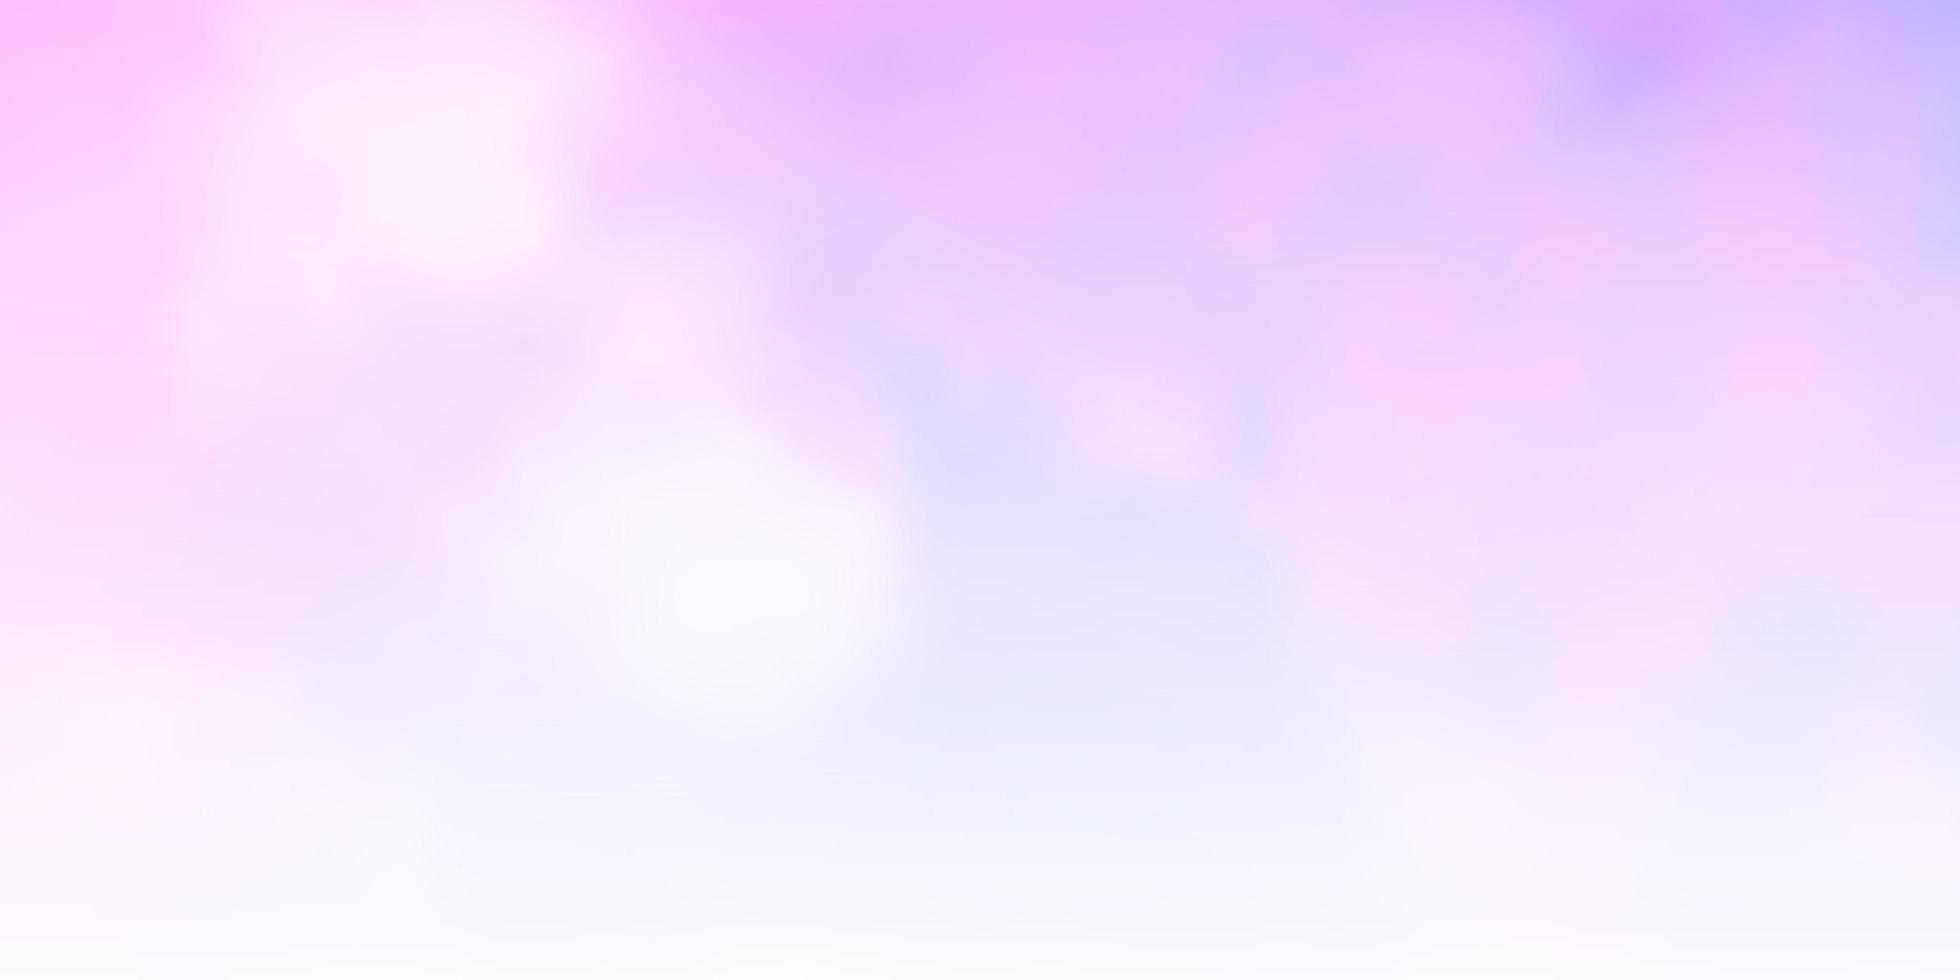 hellrosa, blaue Vektorschablone mit Himmel, Wolken. vektor